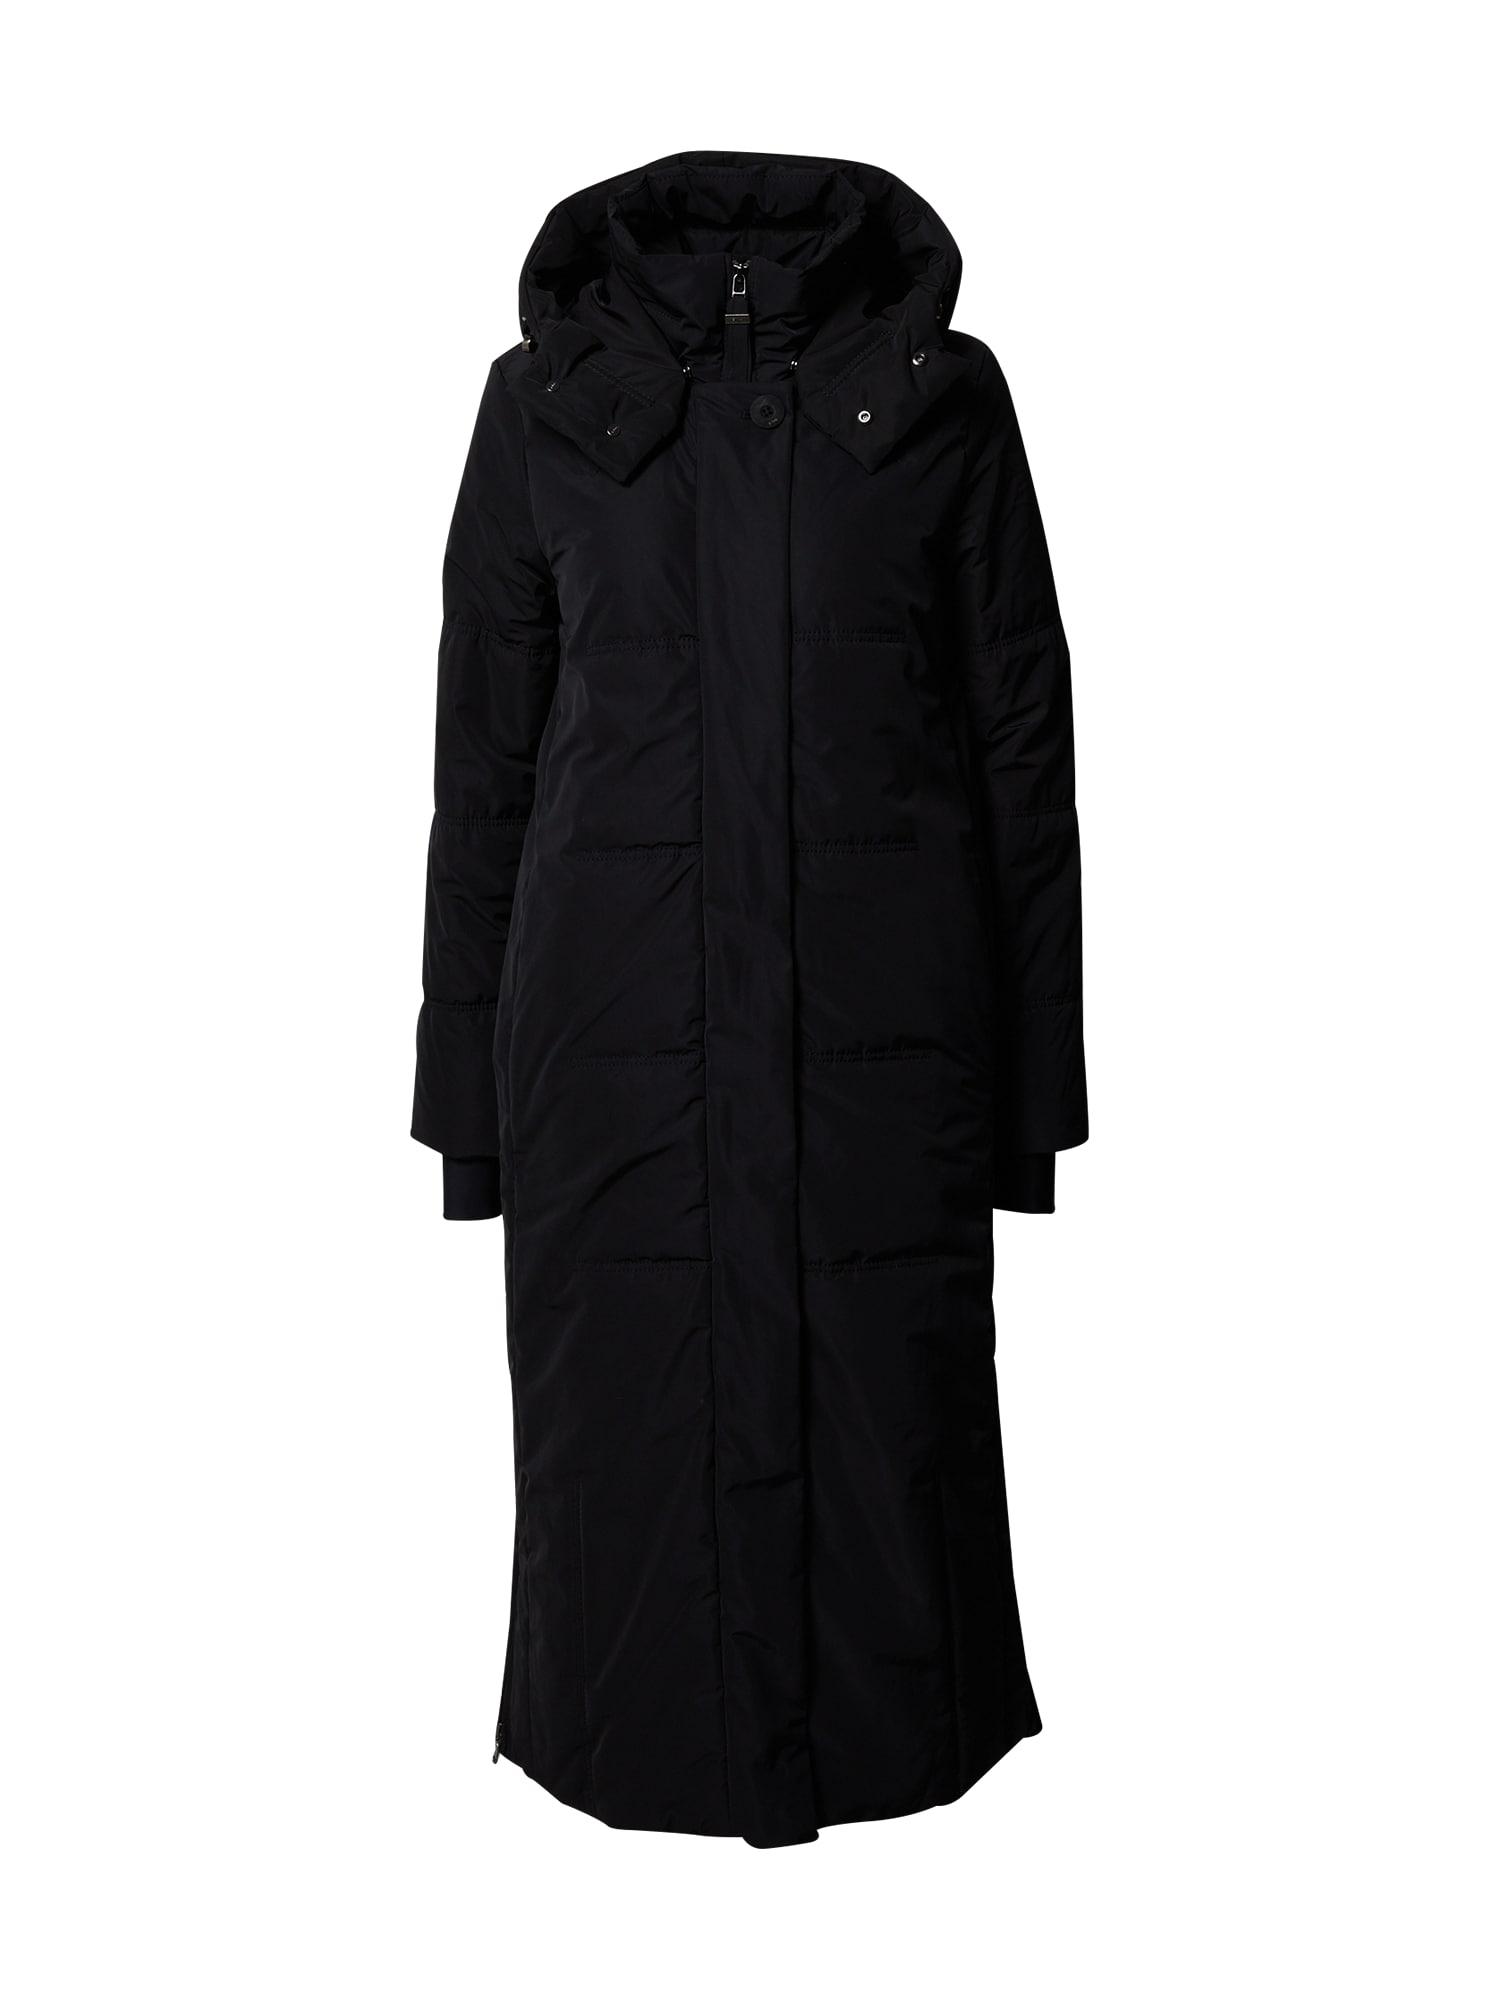 g-lab Rudeninis-žieminis paltas 'Yoko' juoda